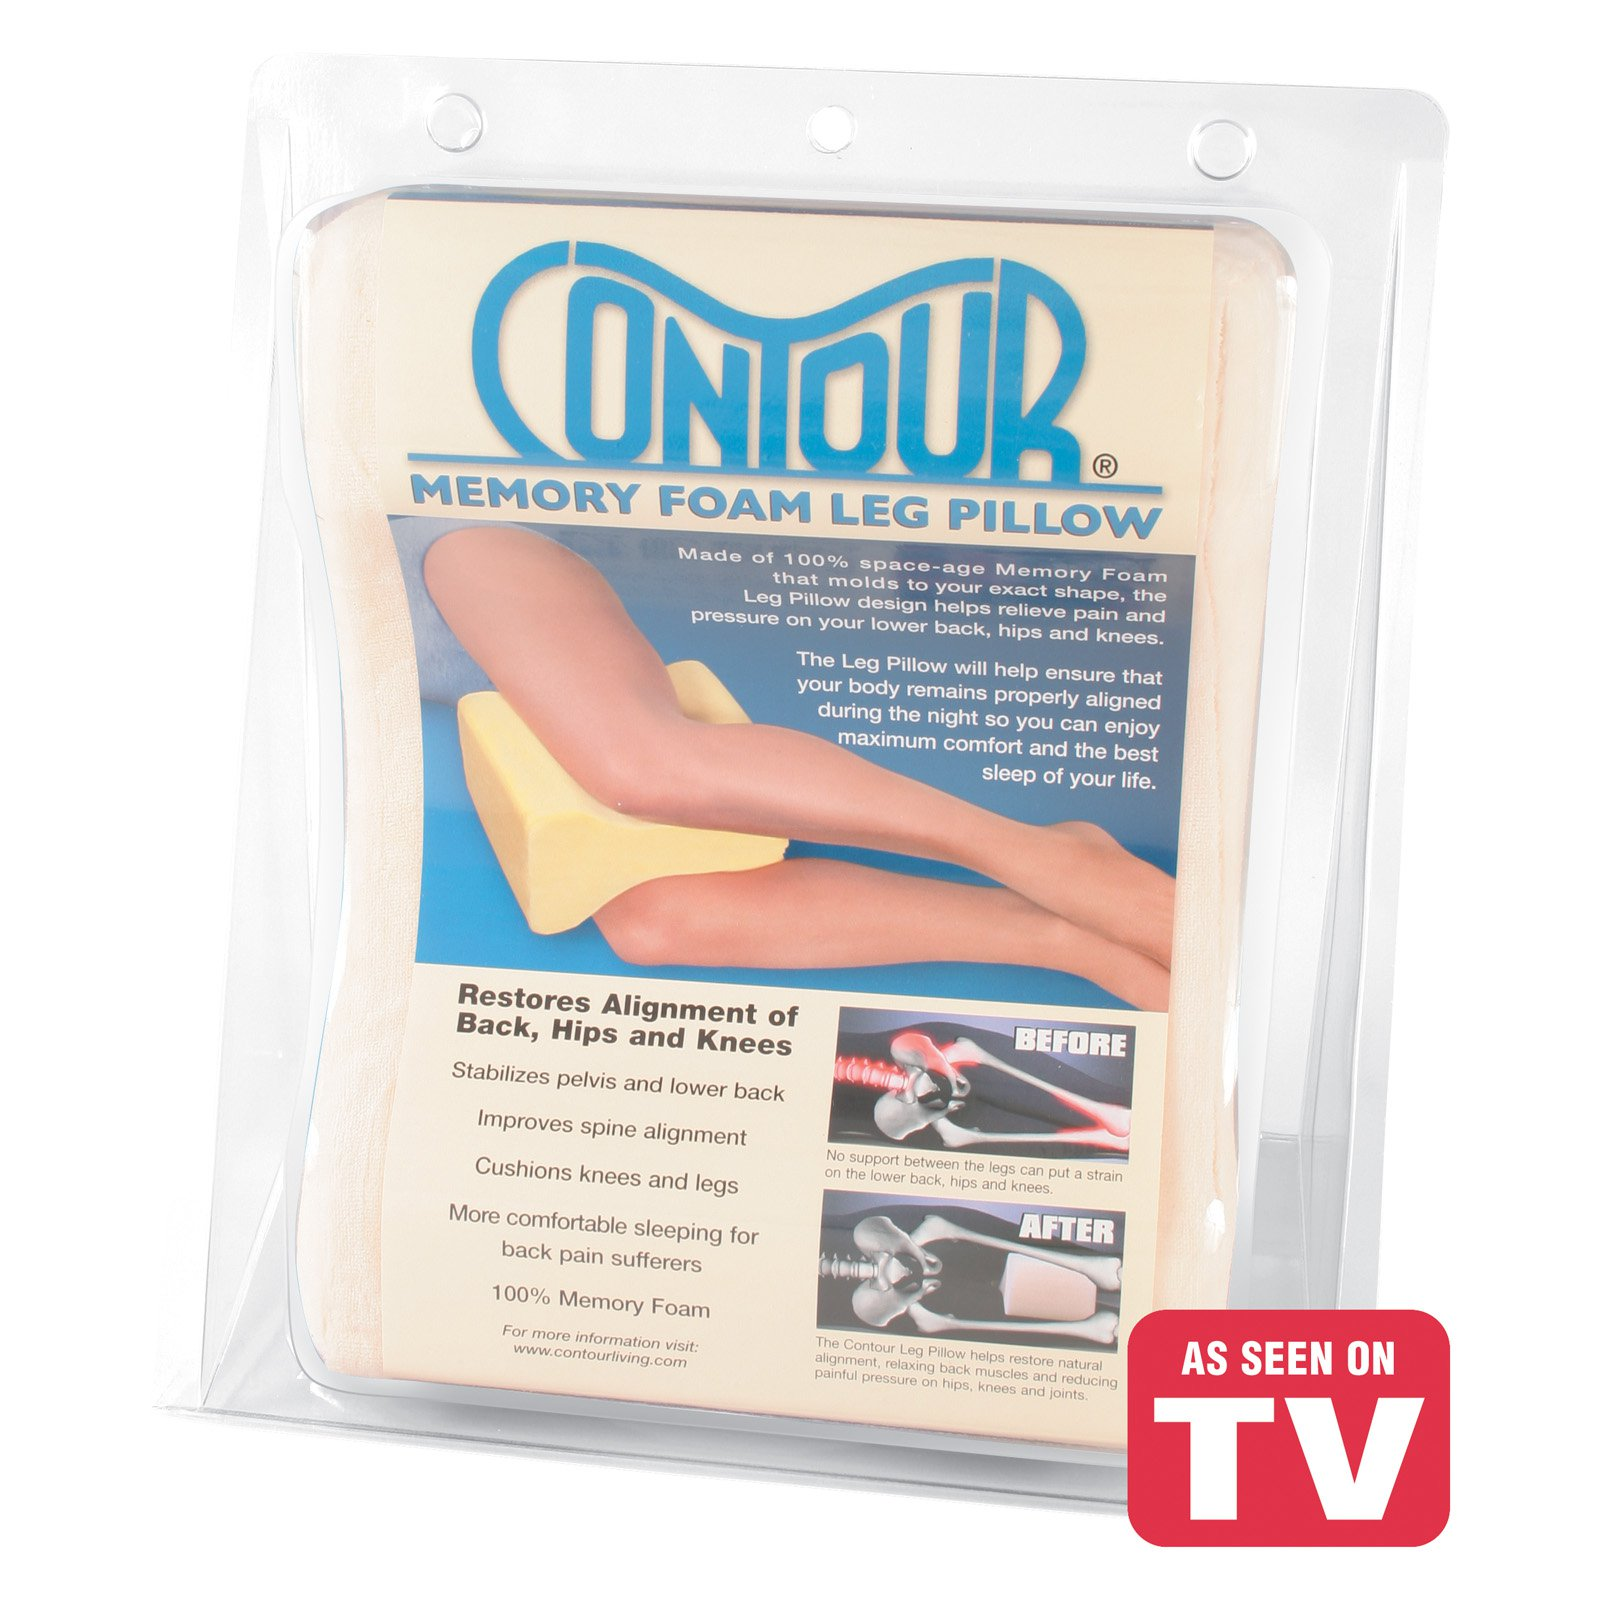 Contour Memory Foam Leg Pillow